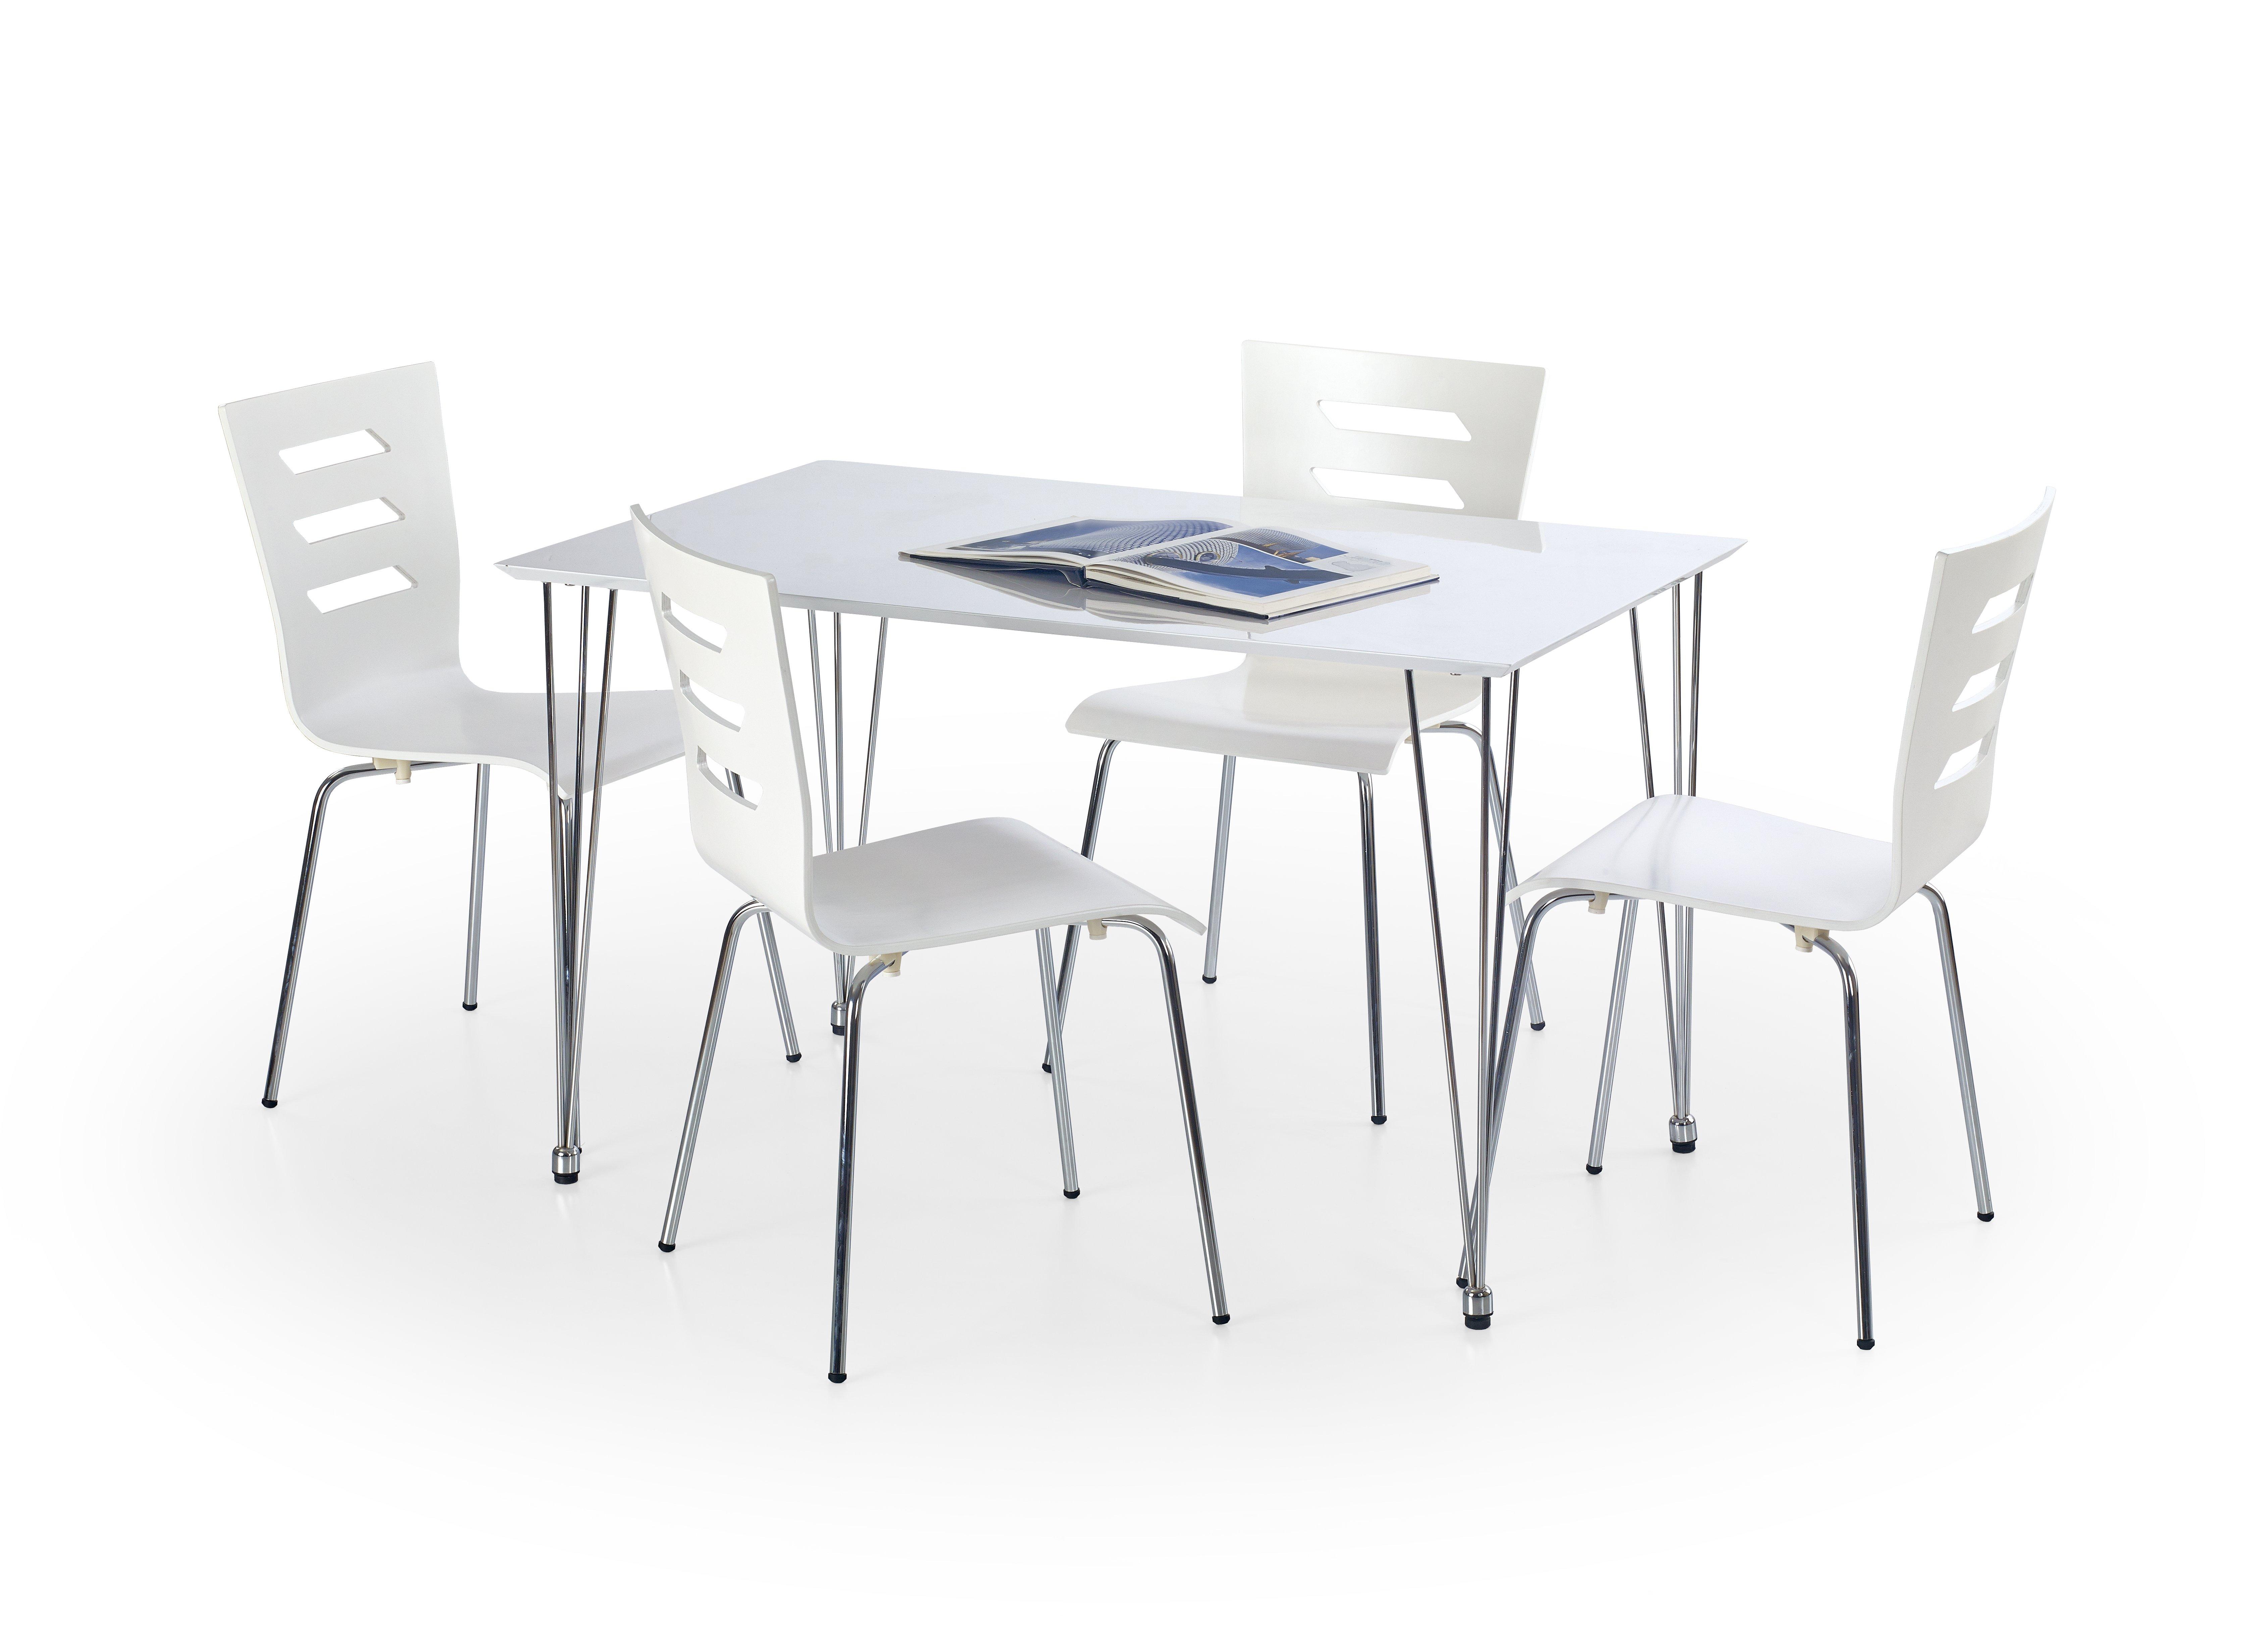 Jedálenský stôl - Halmar - Twister (pre 4 osoby)